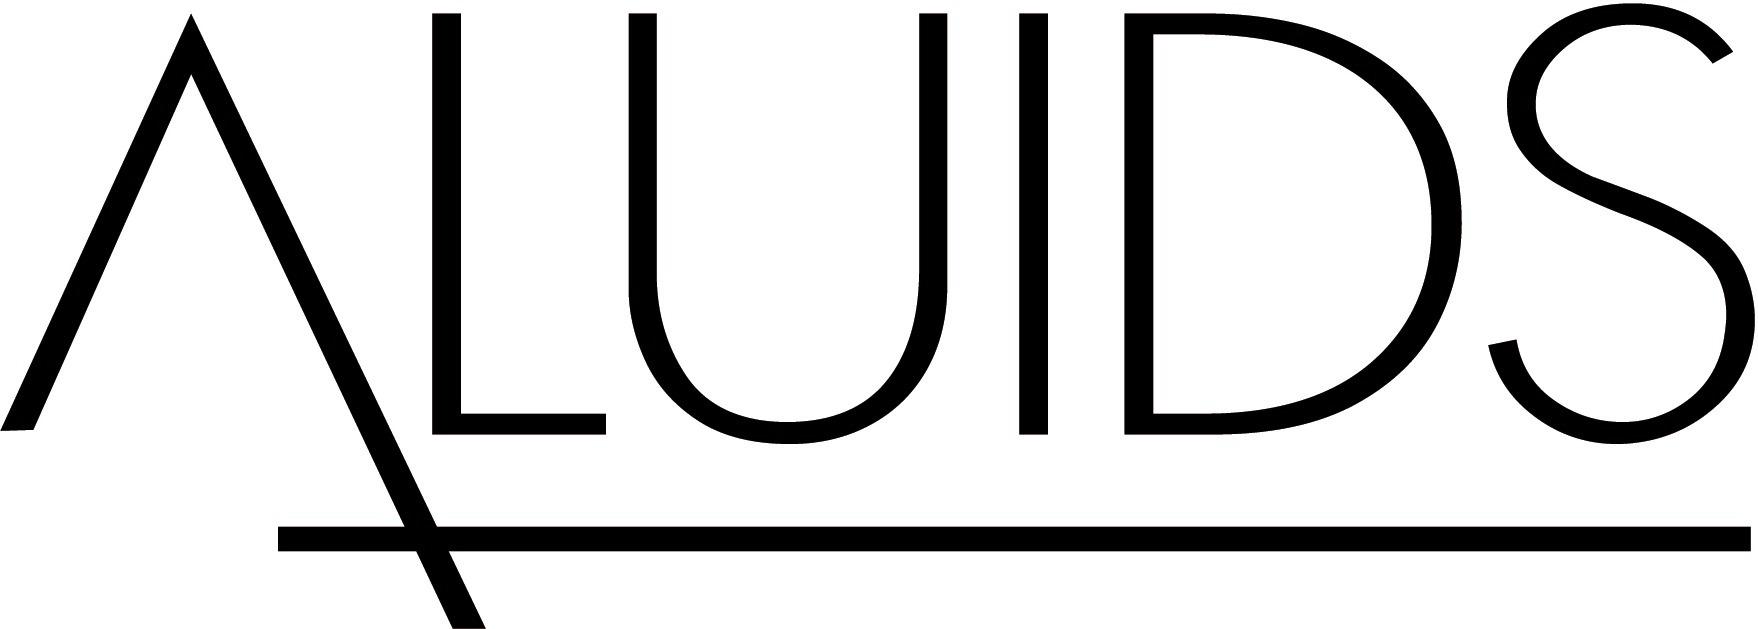 Aluids (@aluidsm) Cover Image